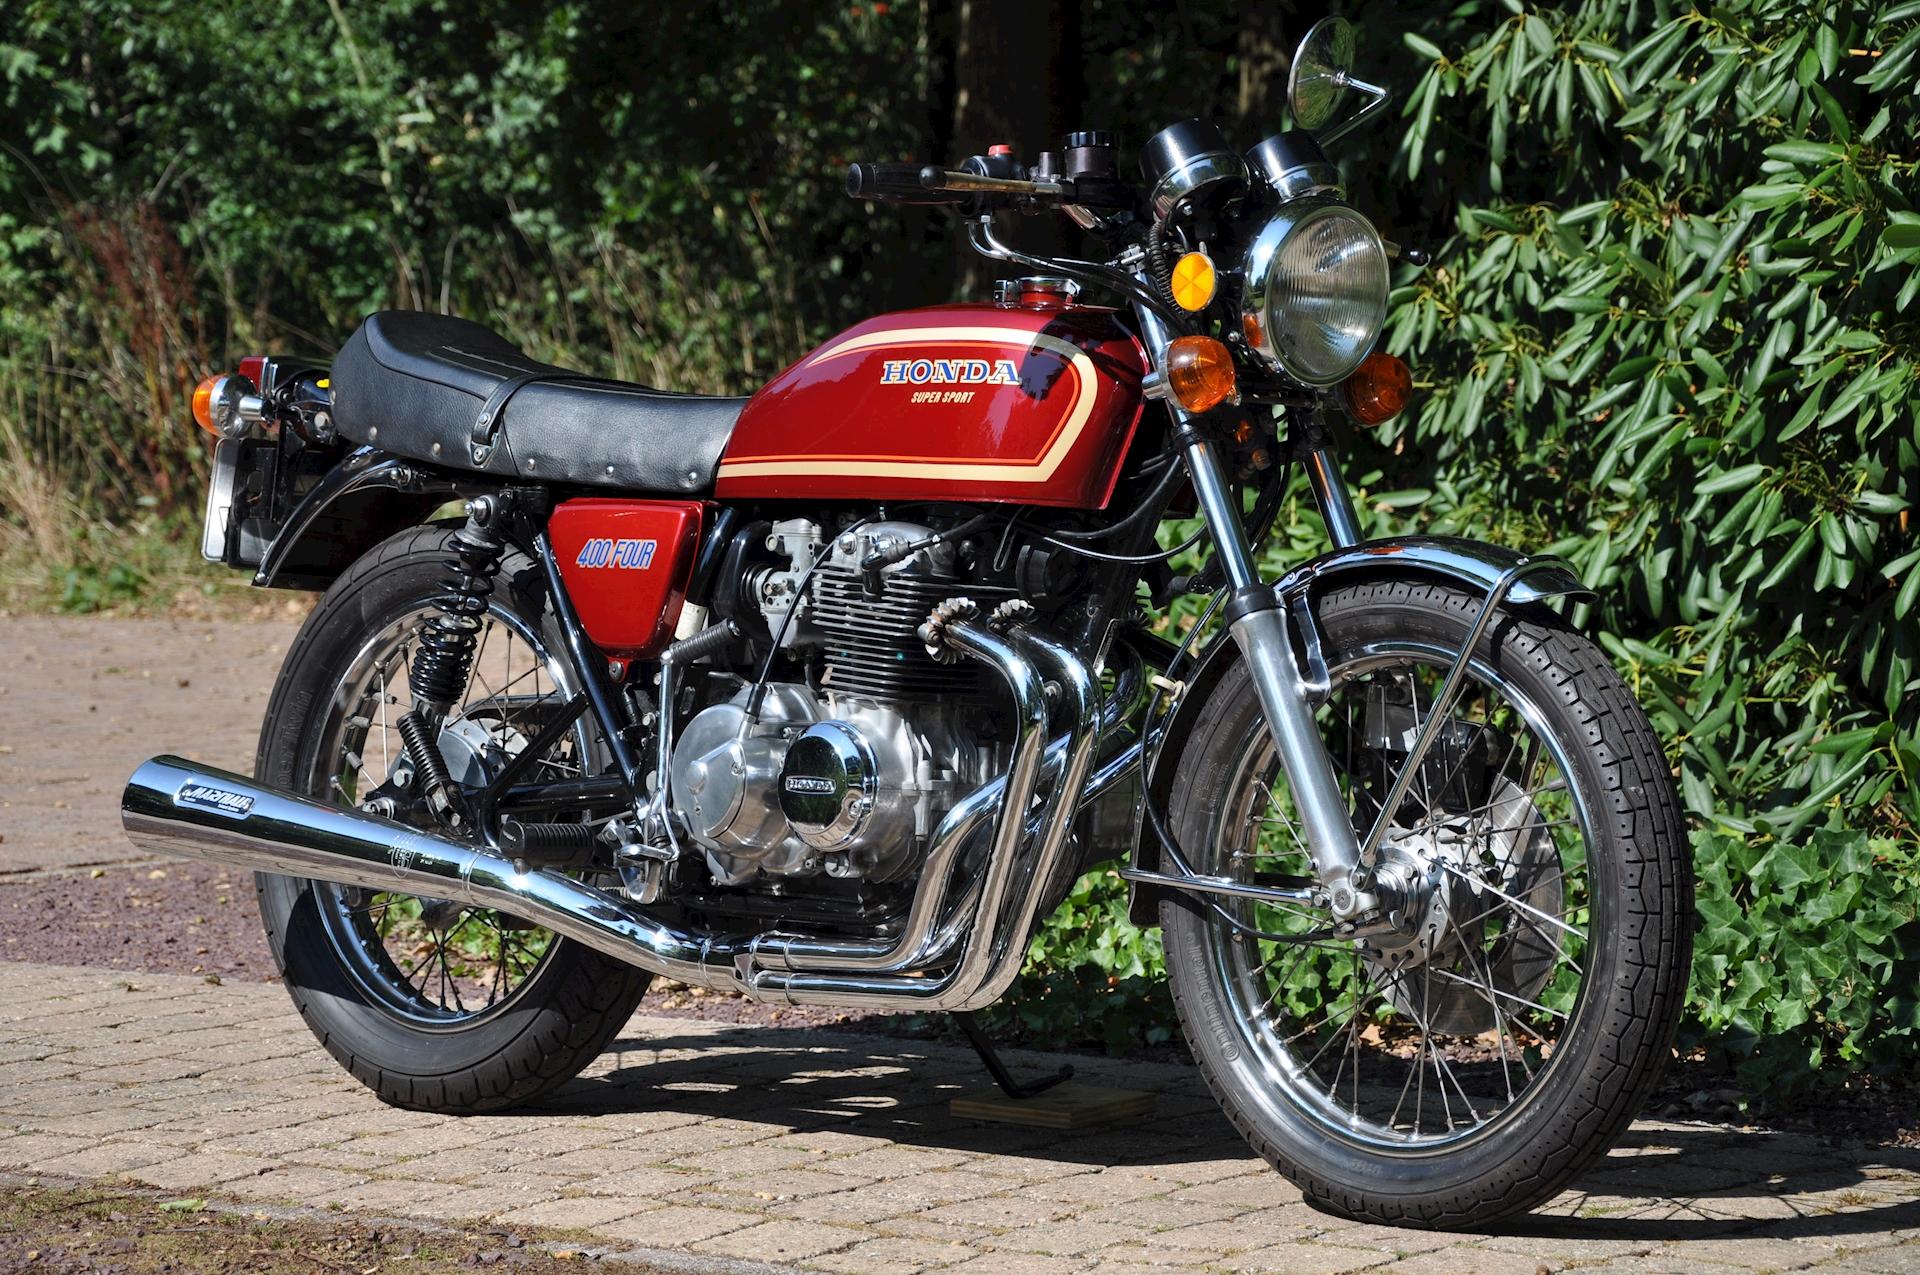 honda cb 400 parts - HD1920×1275